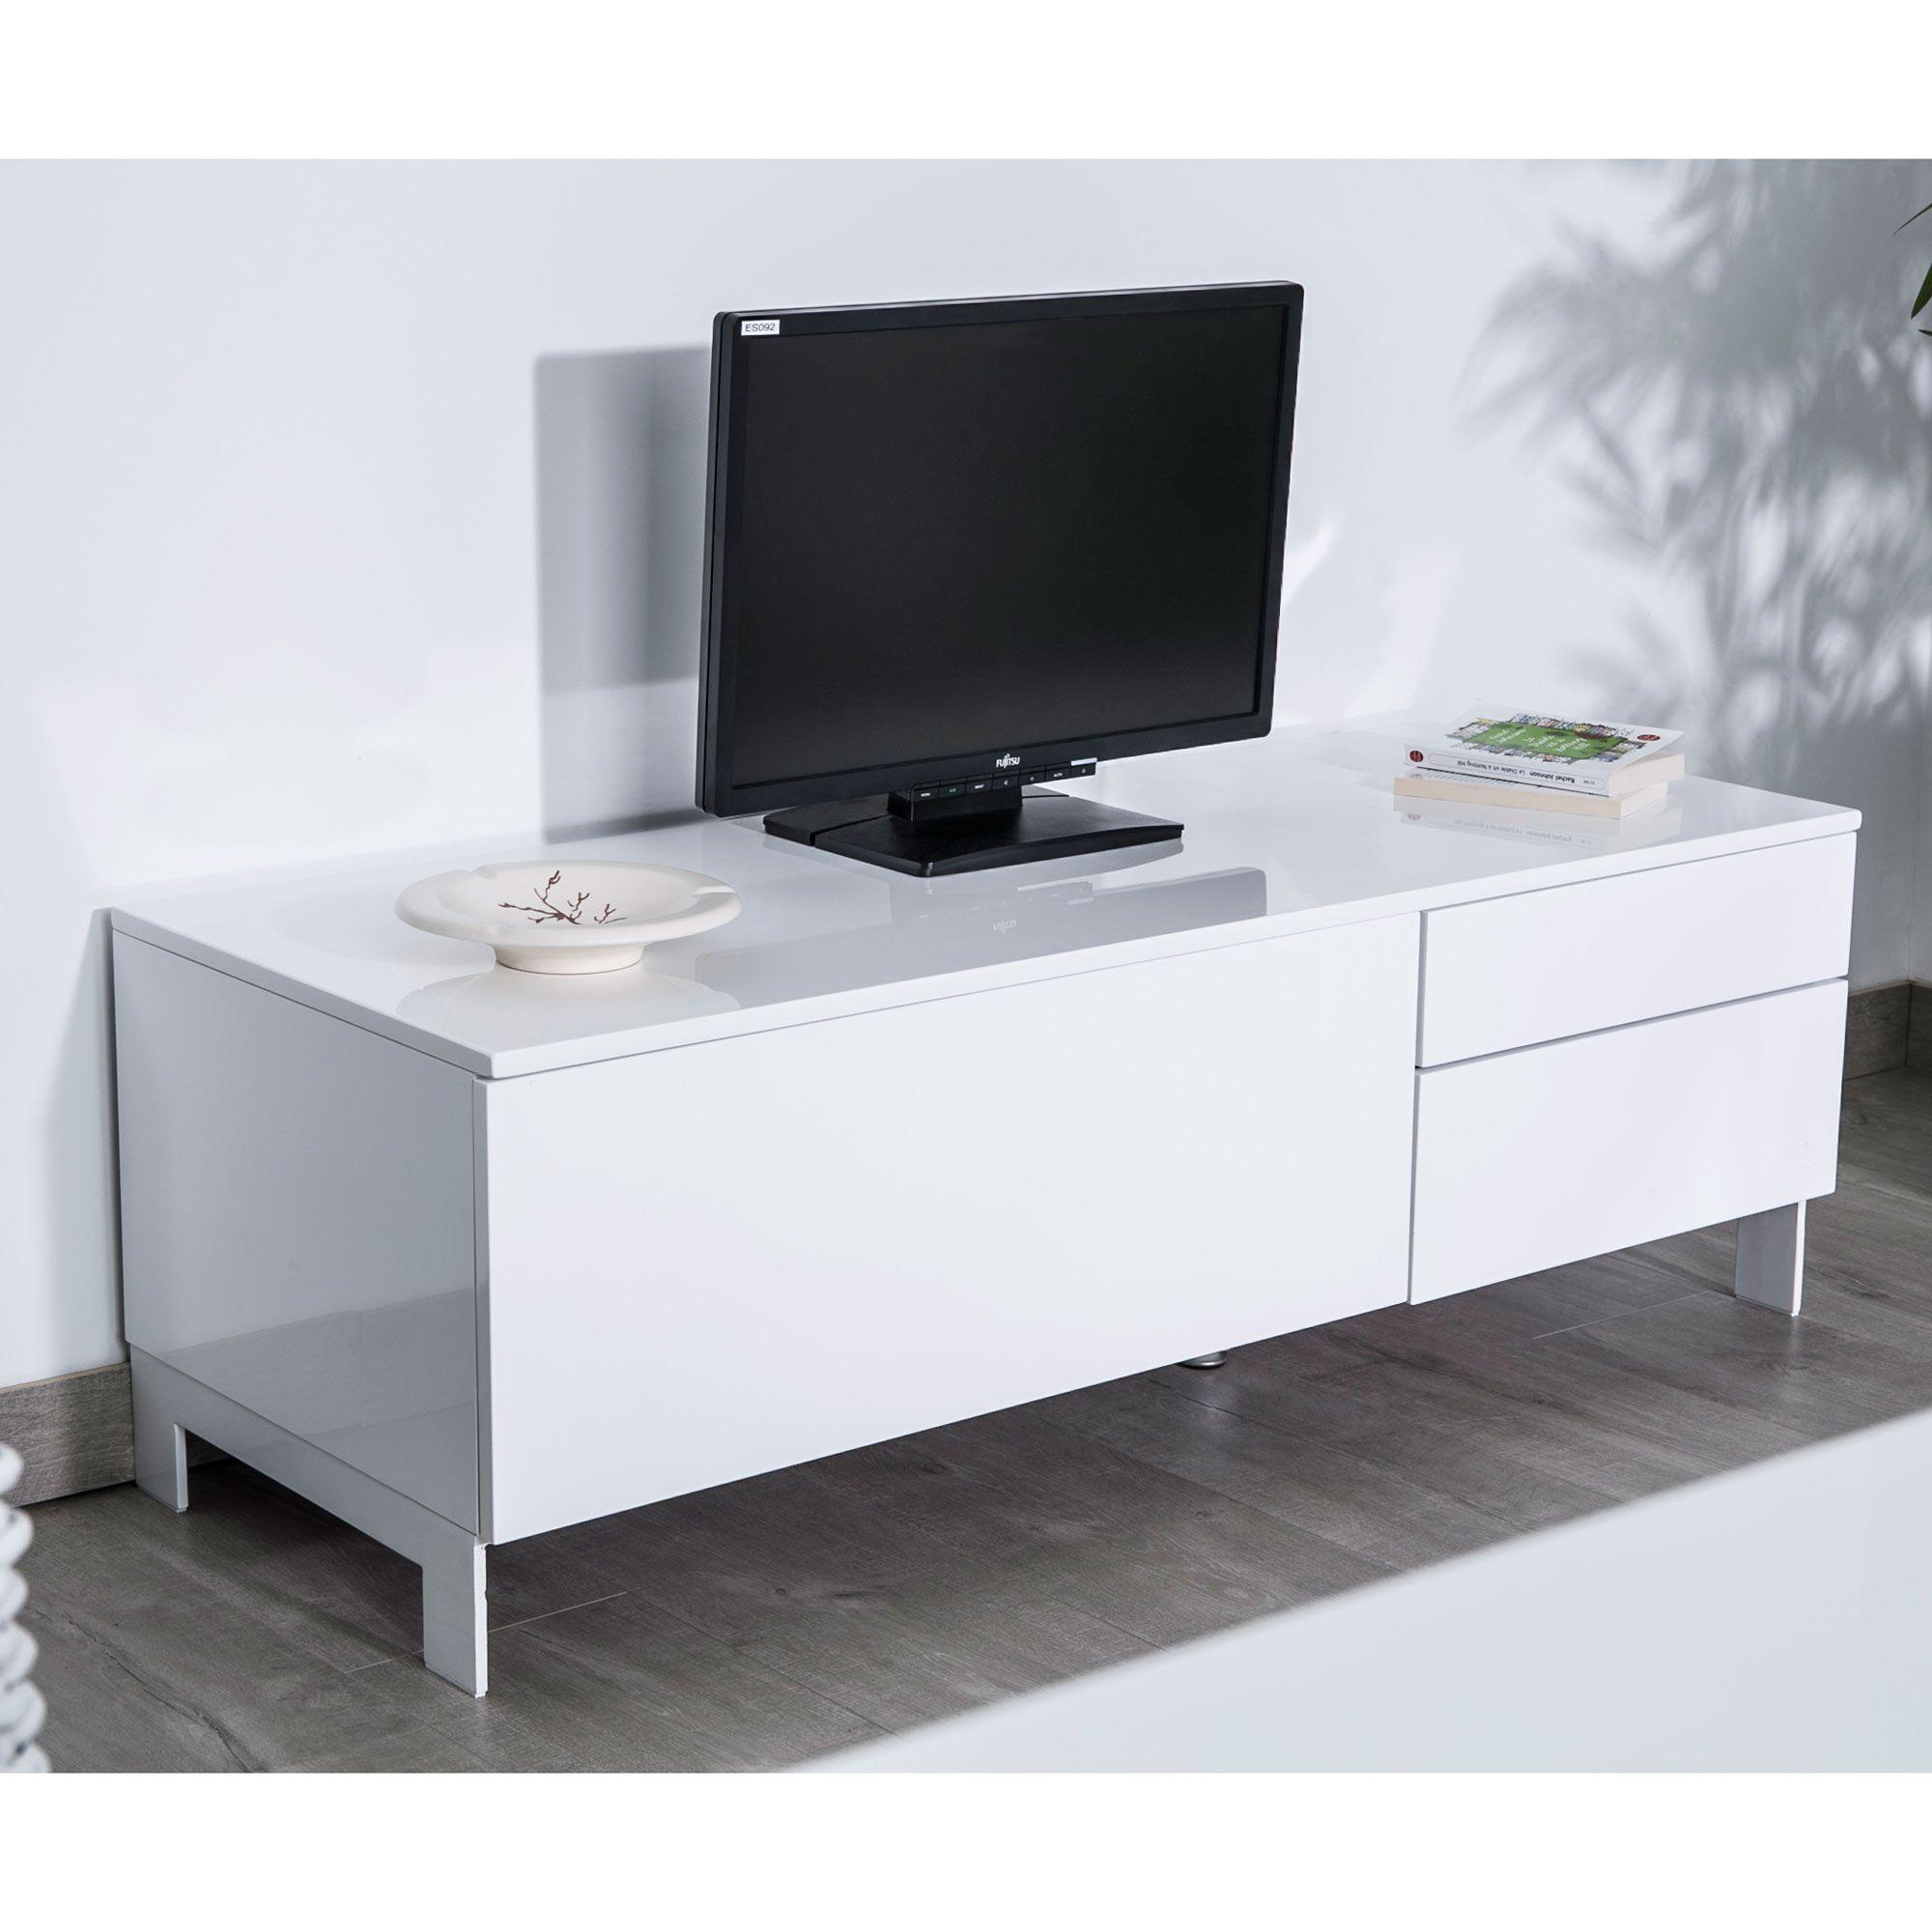 Tonnant Meuble Tv Avec Porte D Coration Fran Aise Pinterest  # Meuble Tv Blanc Laque Max Accueil